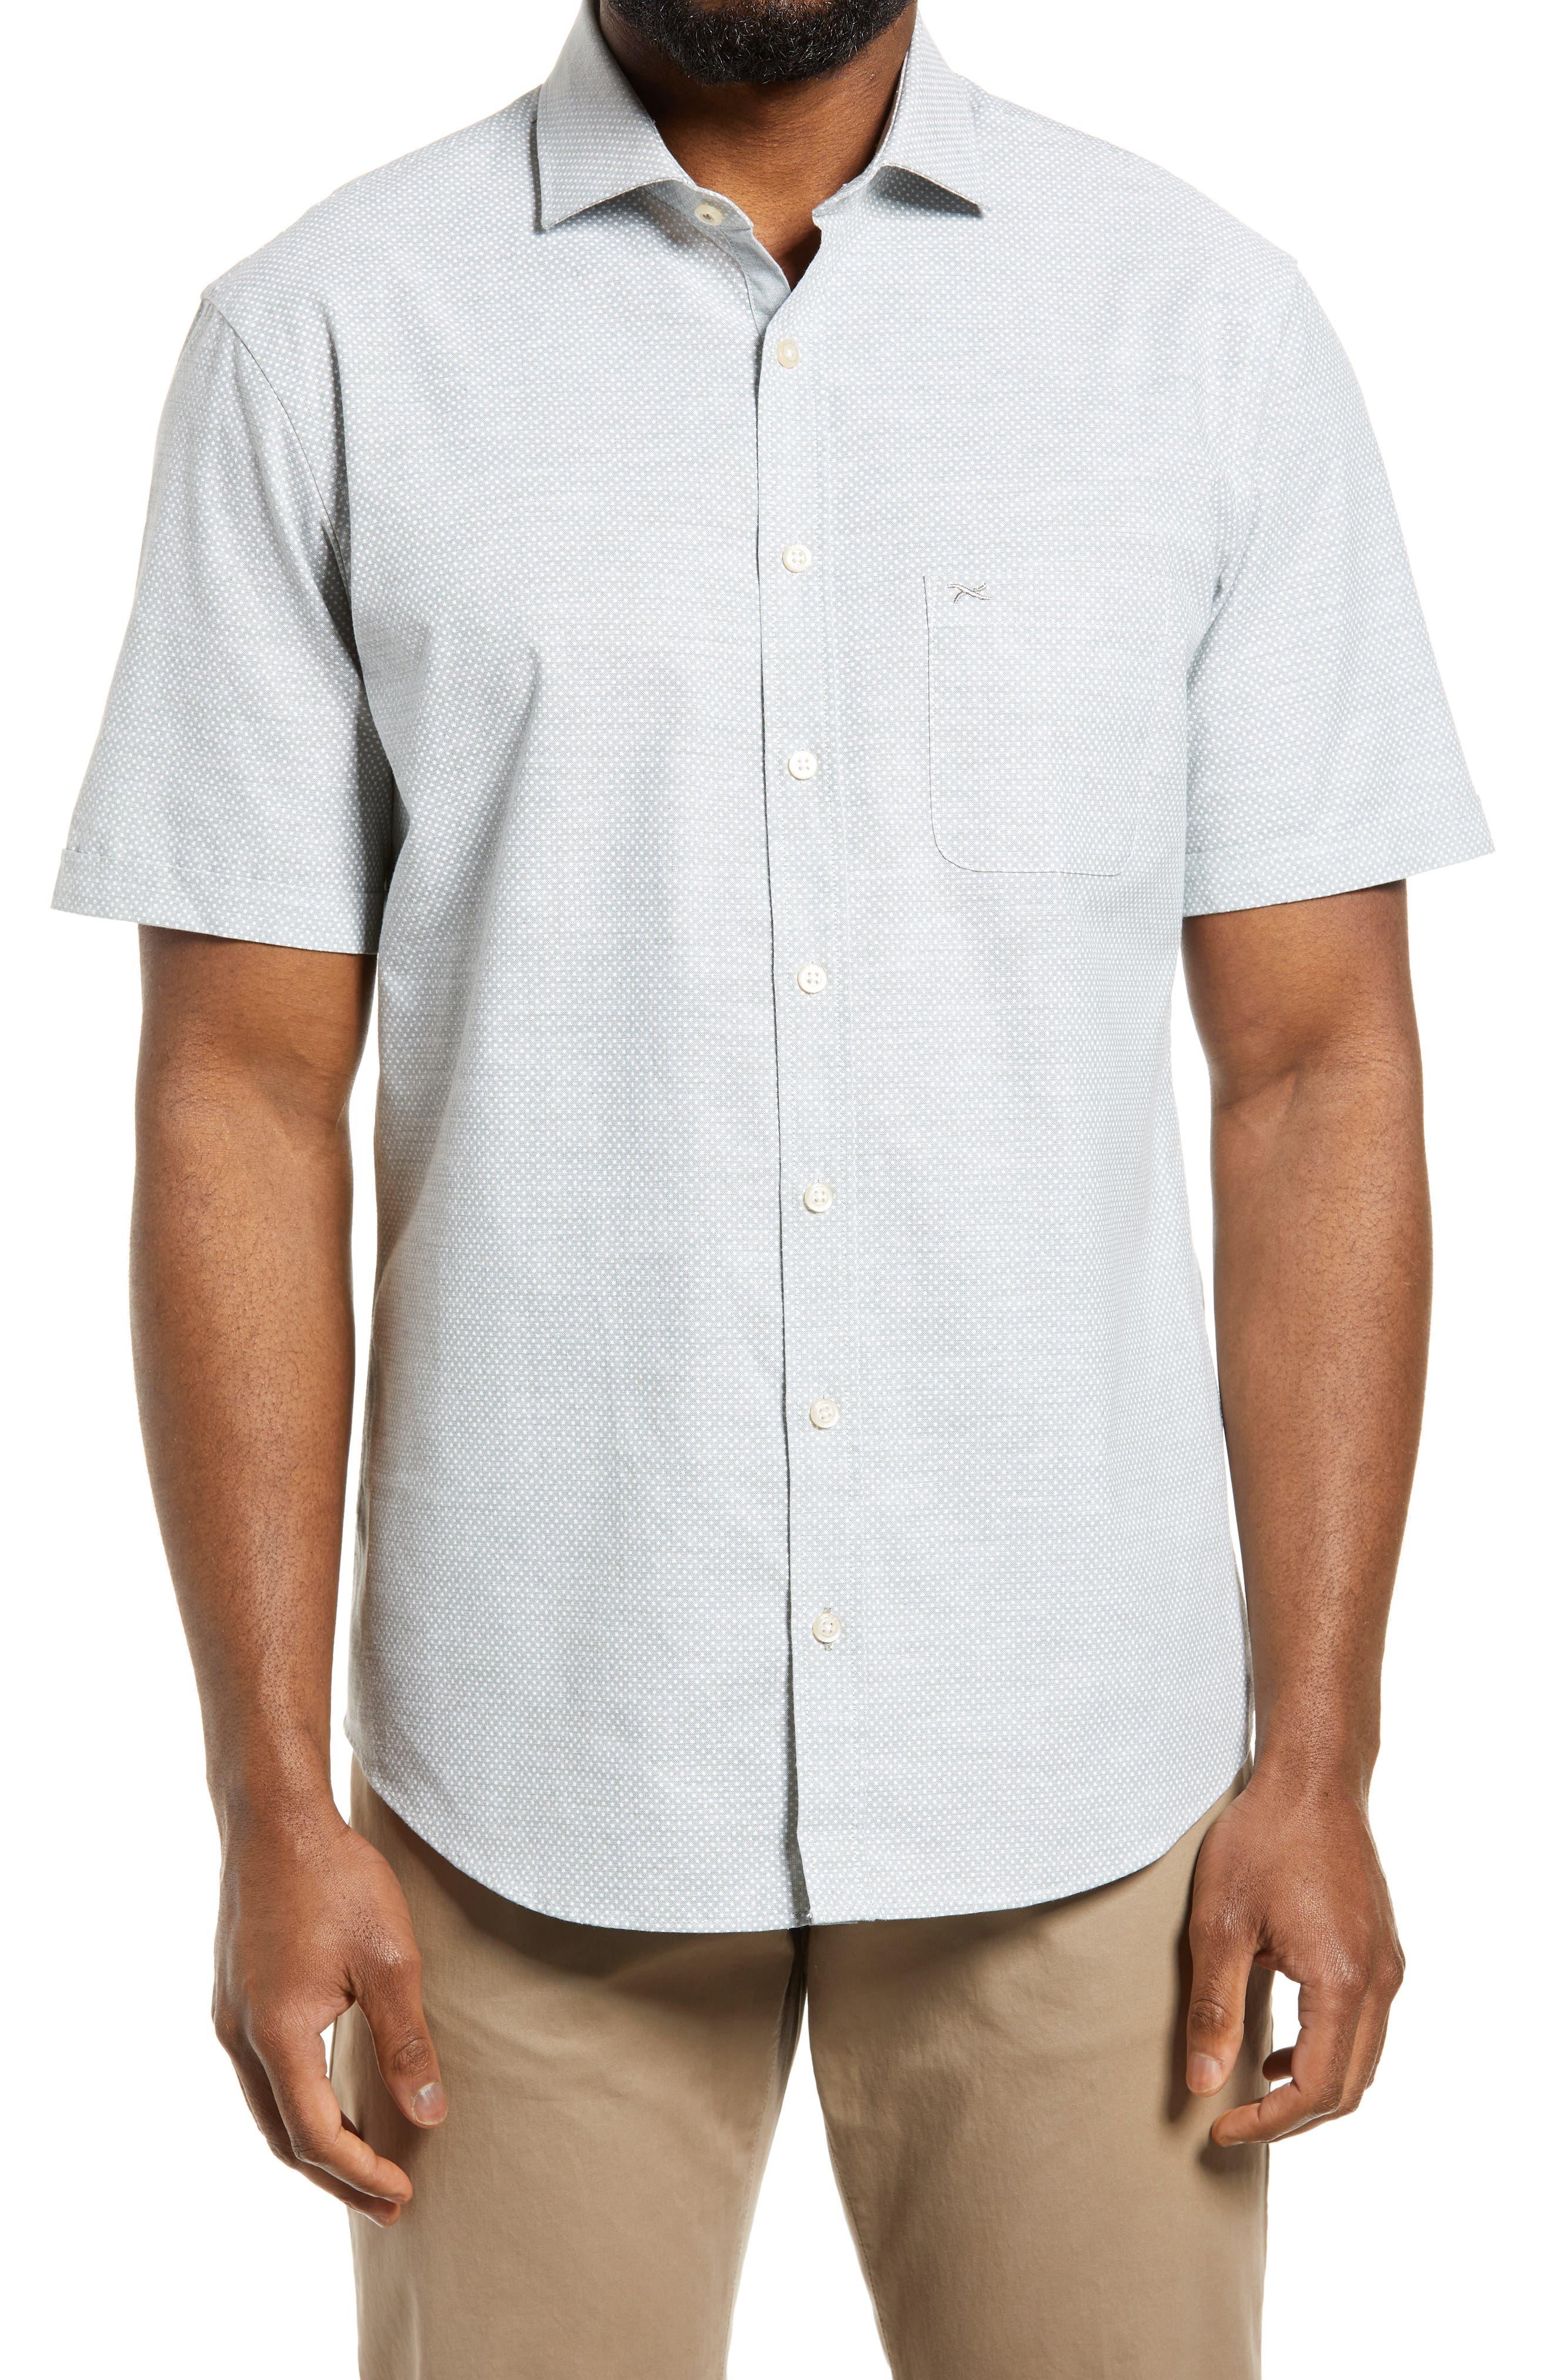 Hardy Modern Fit Dot Short Sleeve Button-Up Cotton & Linen Shirt